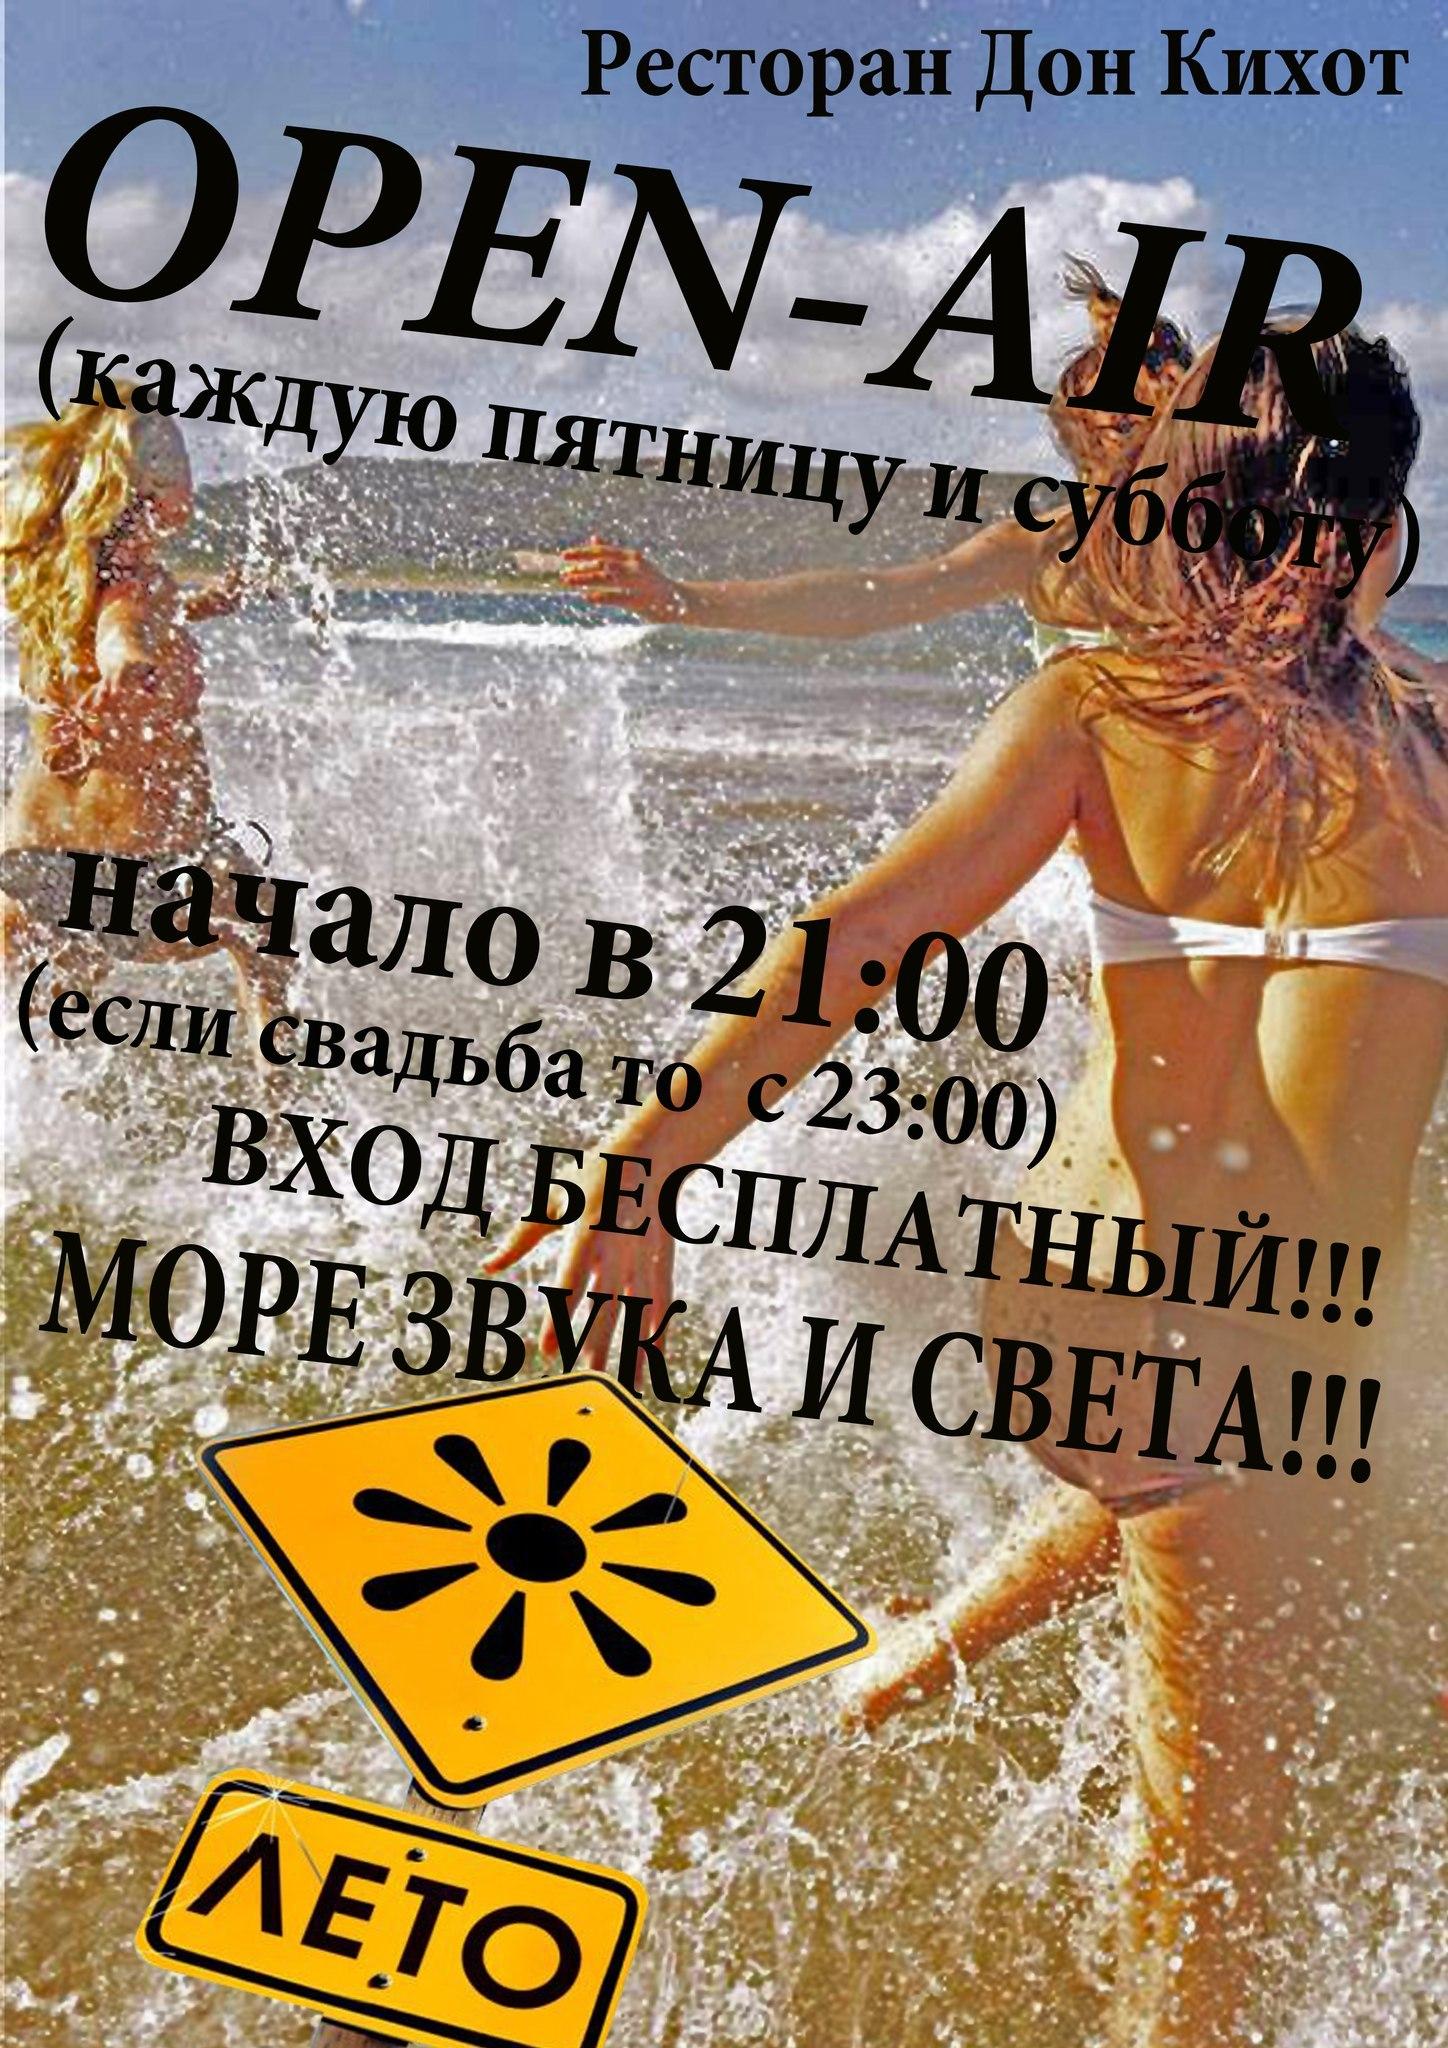 Ресторан, банкетный зал «Дон Кихот» - Вконтакте